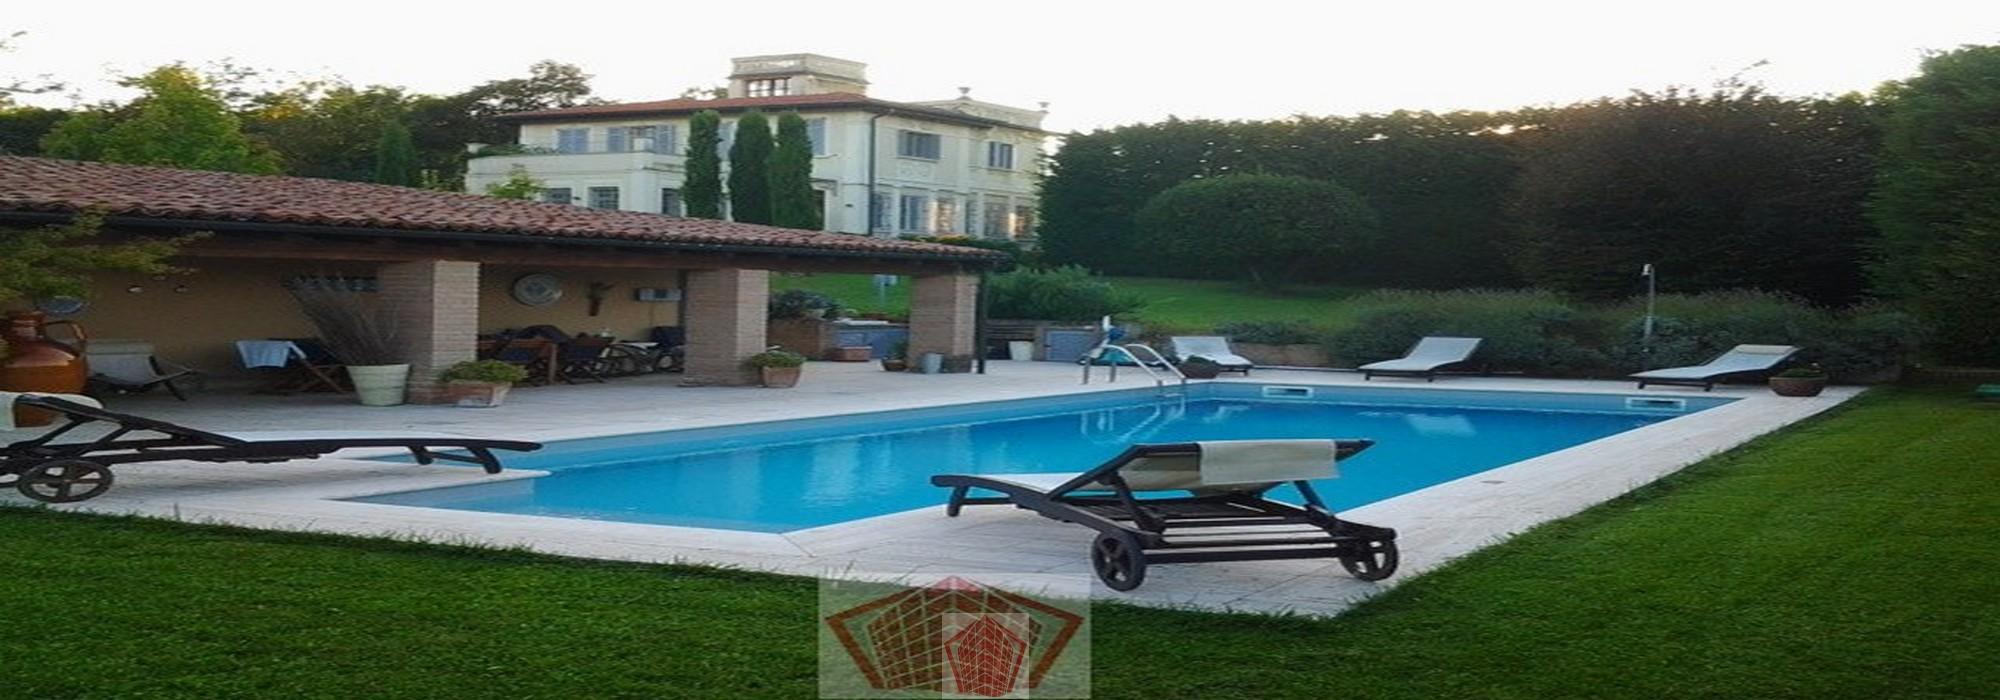 Stradella (PV) VENDITA Villa Liberty con parco e piscina Rif.371